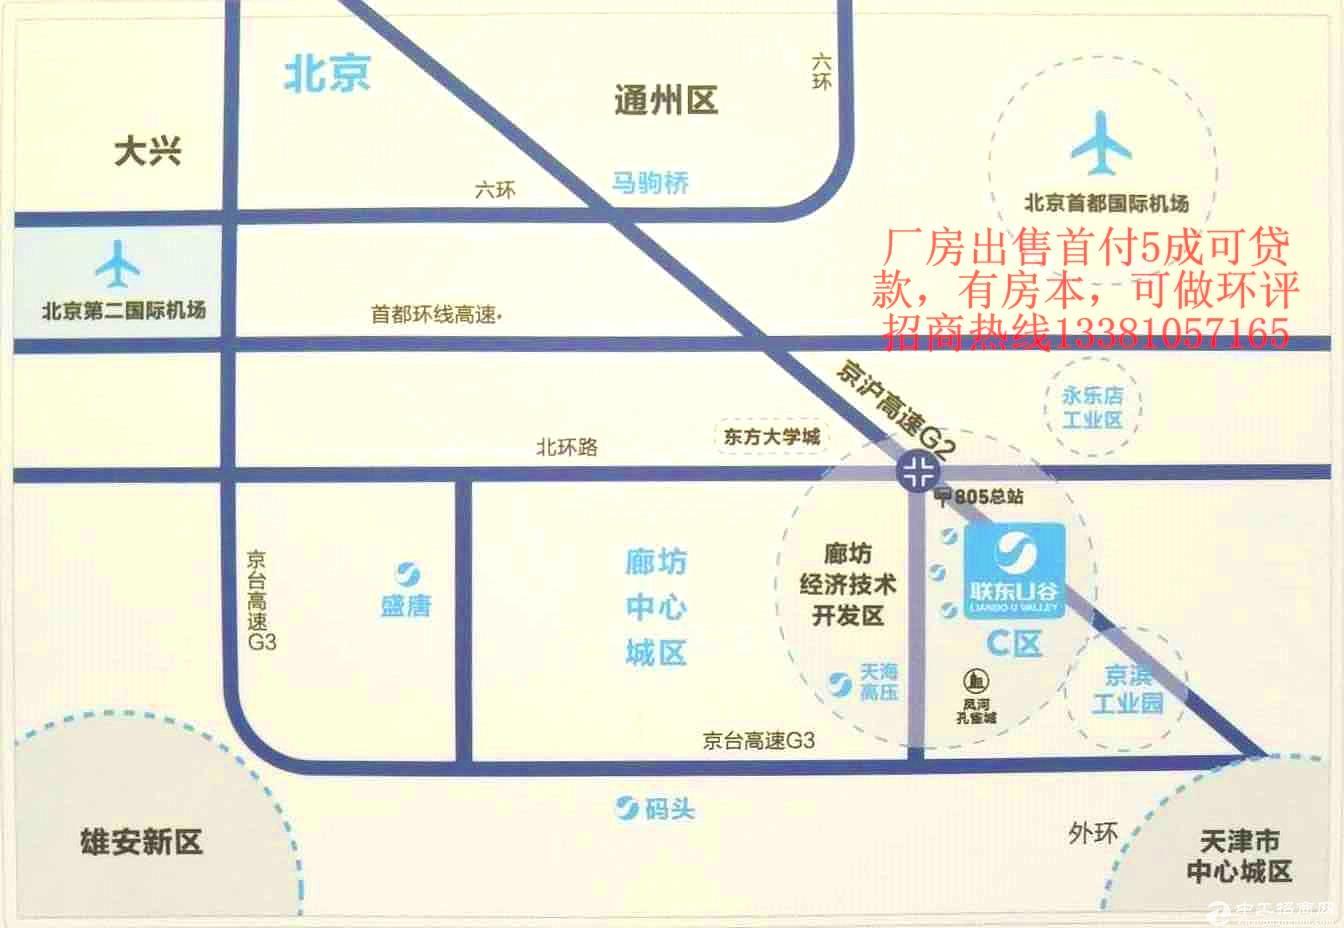 廊坊开发区标准化厂房,均价7500元,首付5成